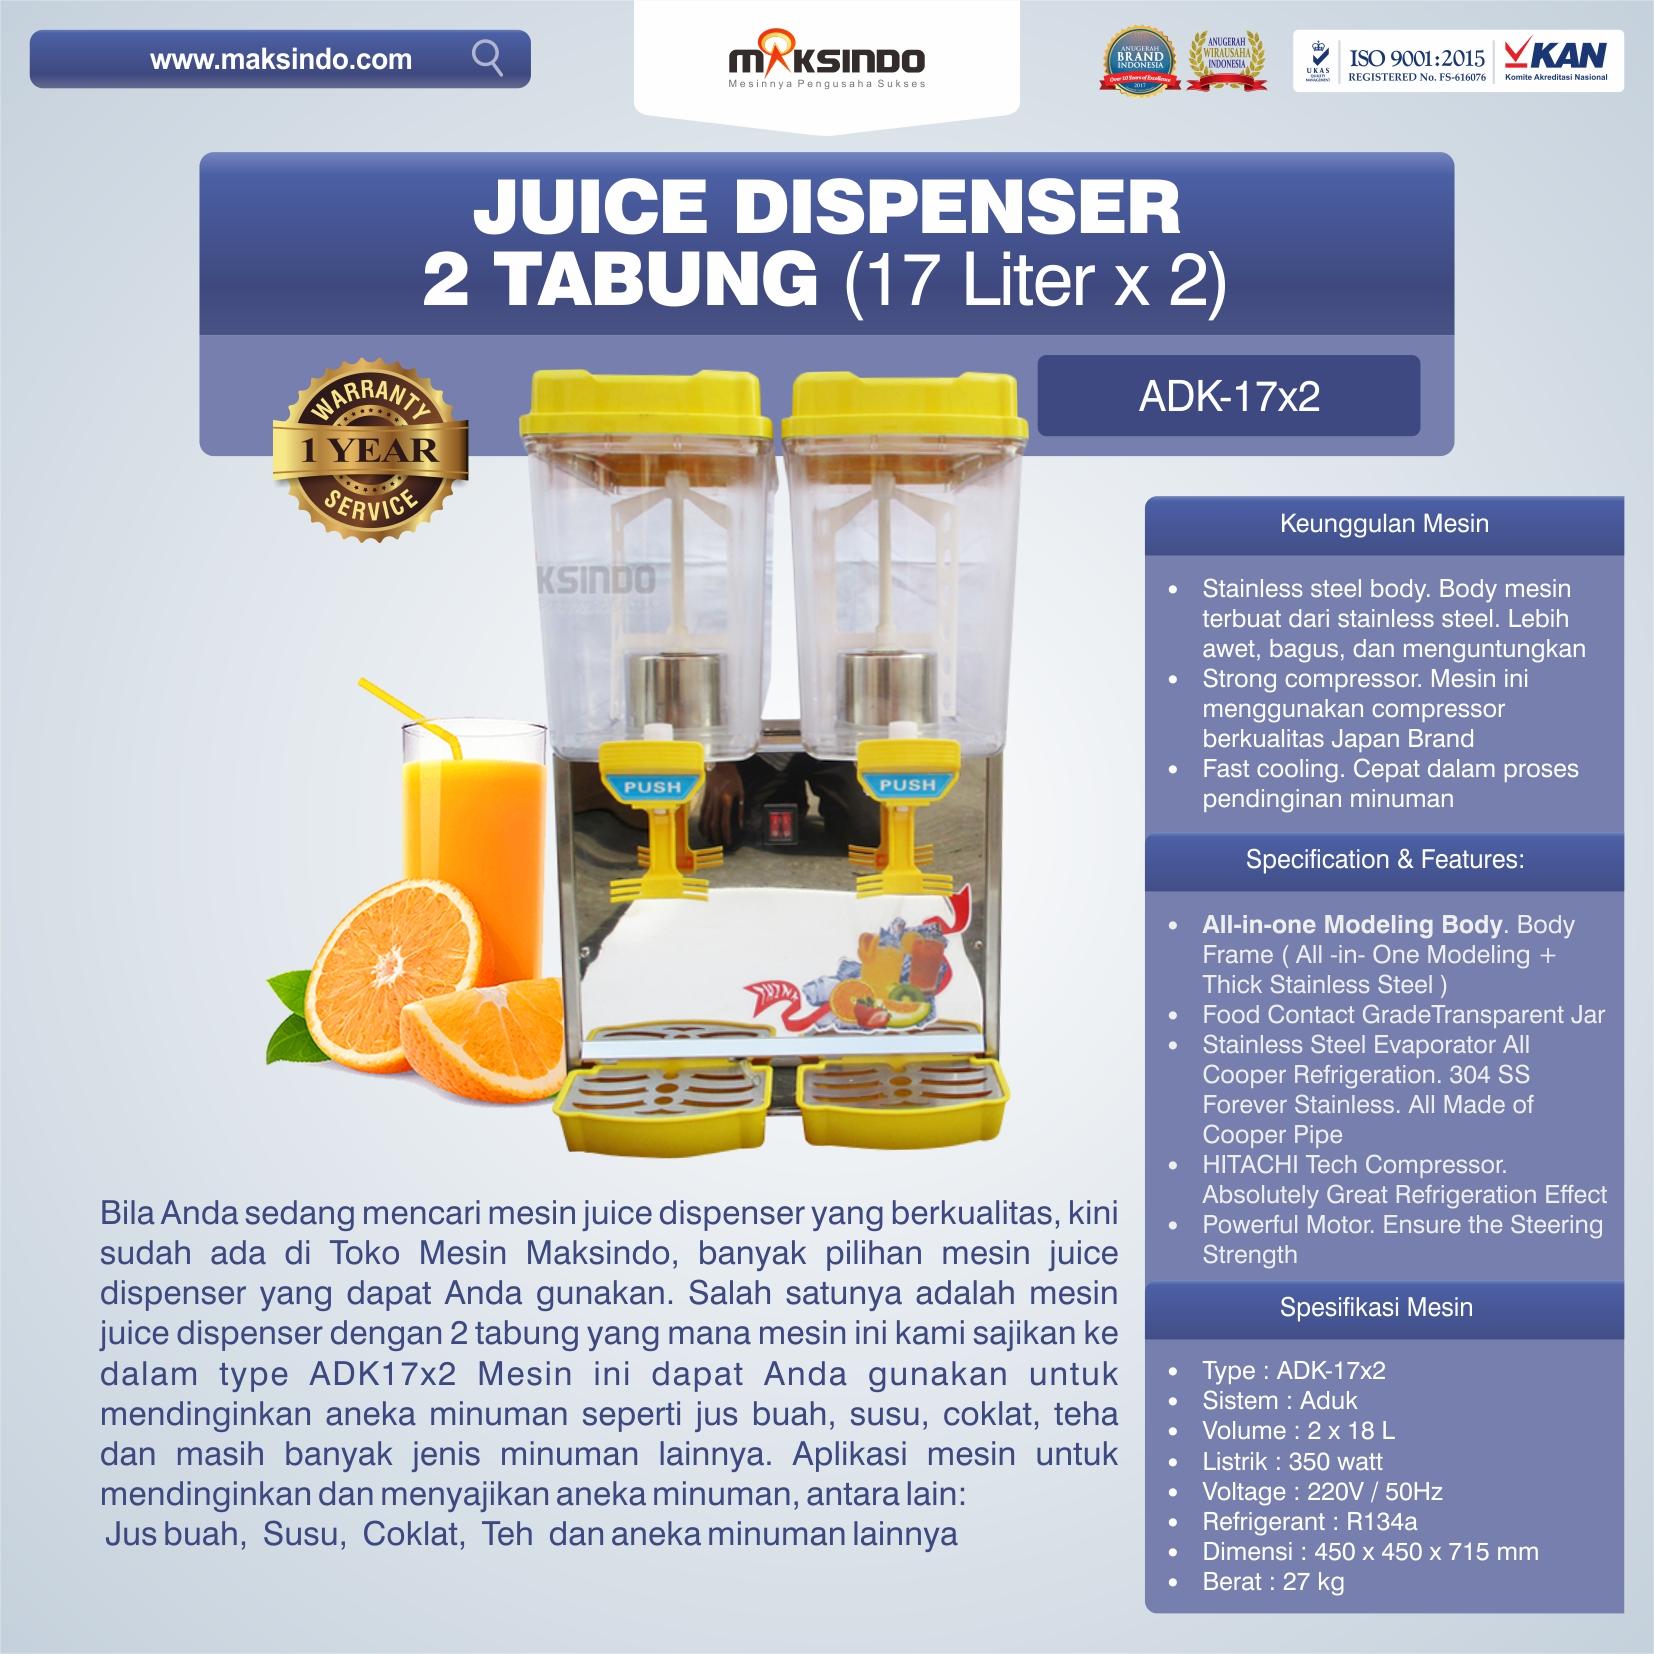 Jual Juice Dispenser 2 Tabung (17 Liter) – ADK17x2 di Bekasi